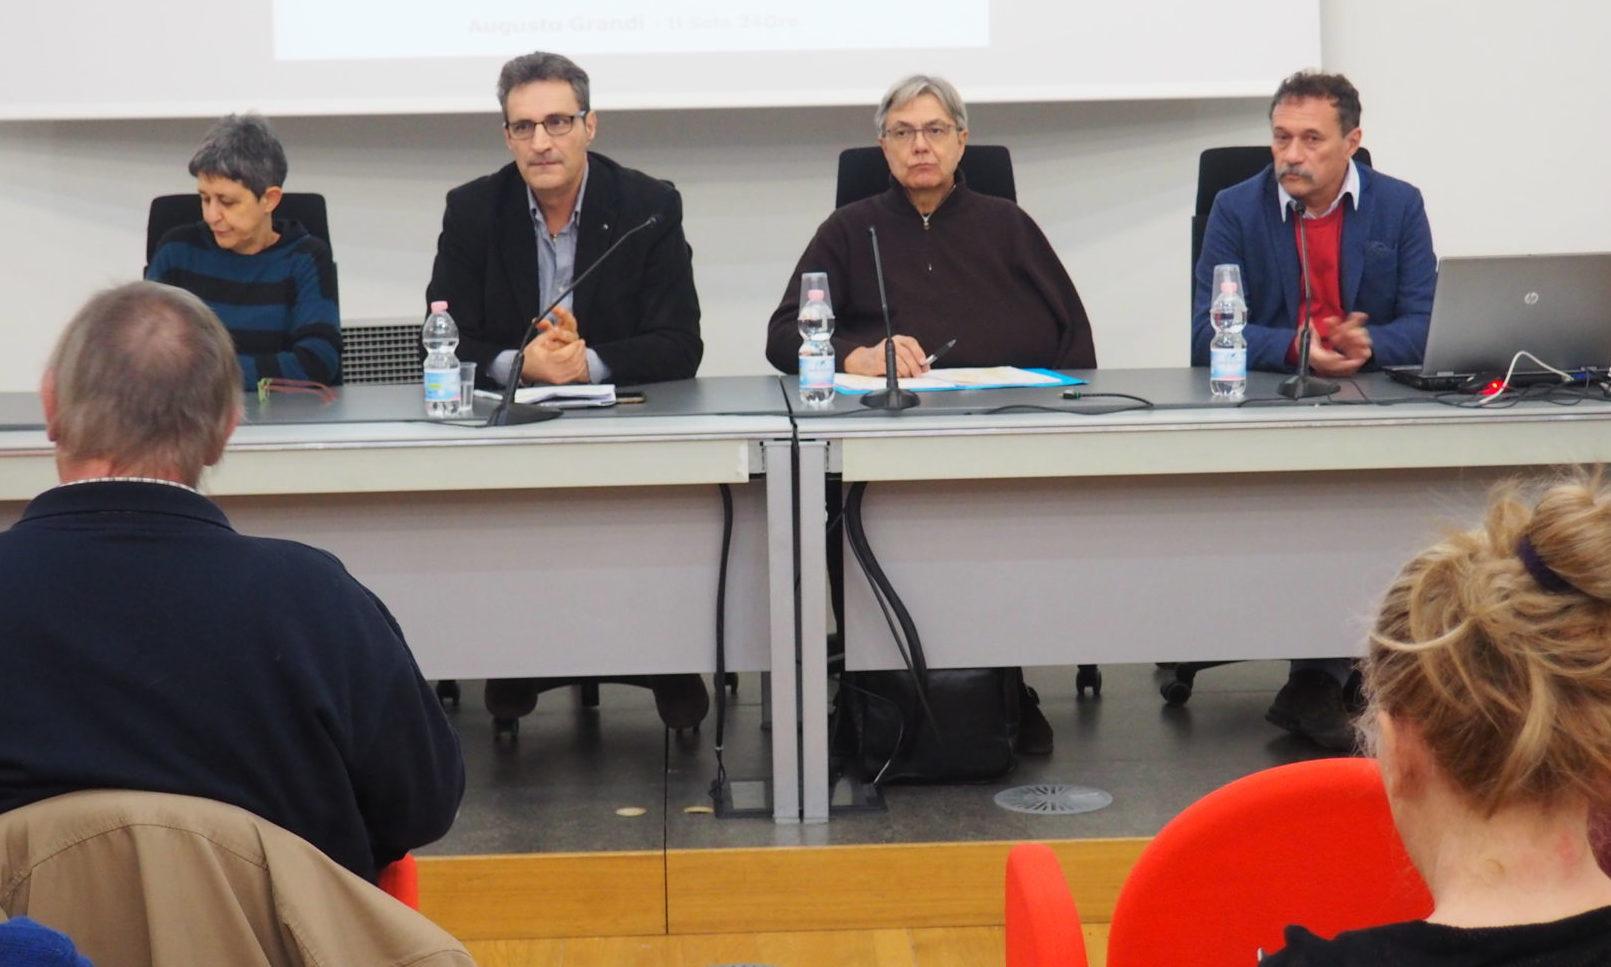 I segretari Cgil Cisl UIl, Valfrè, Lo Bianco, Casucci con il giornalista Augusto Grandi del Sole24 Ore primo piano